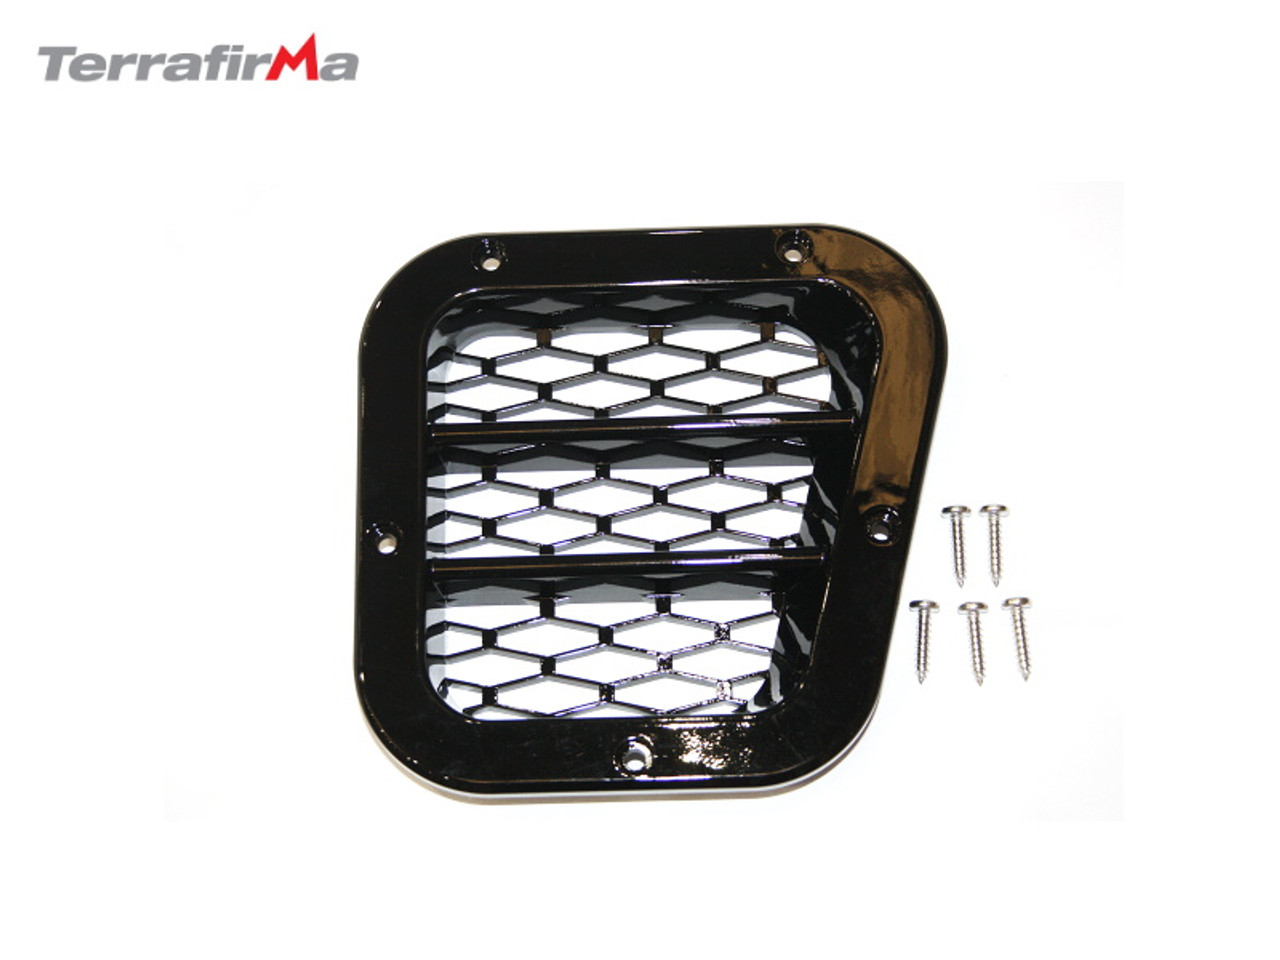 Terrafirma Sport RH Gloss Black Wing Grill For Defender 90/110/130 - TF271RHGF